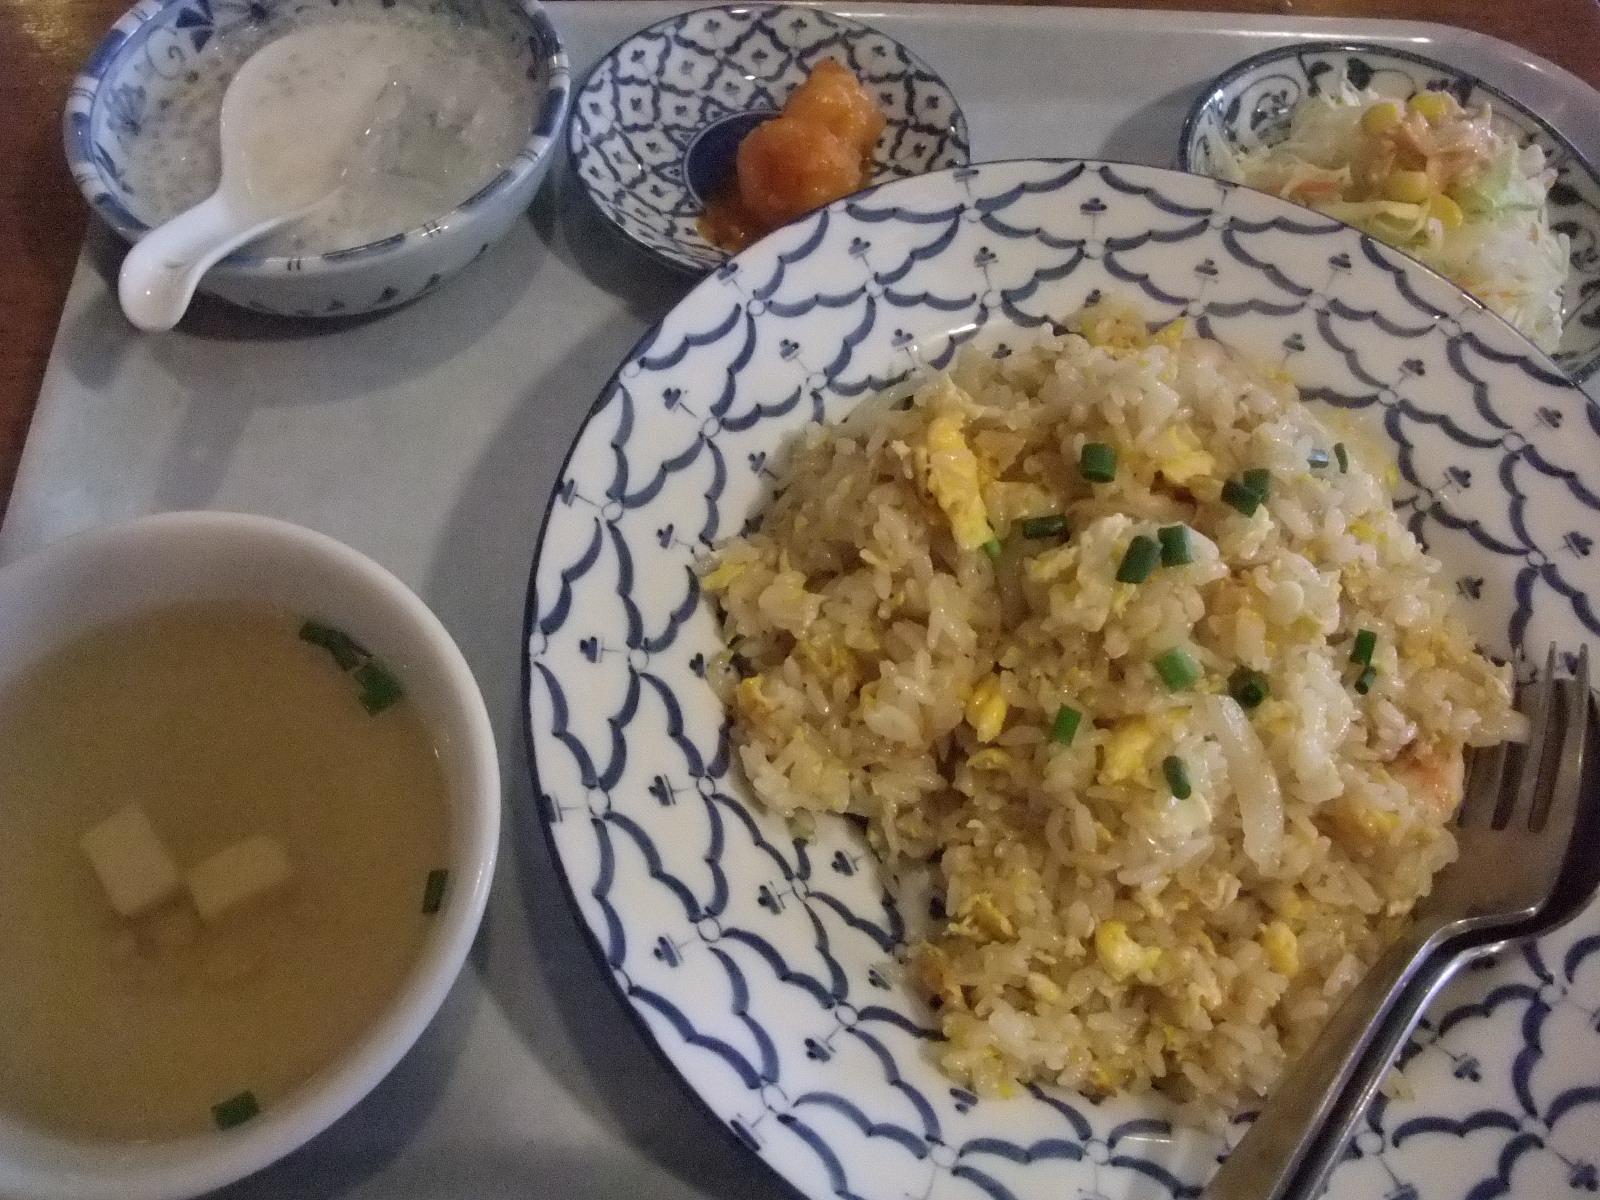 有楽町 タイ国料理SiAM 炒飯